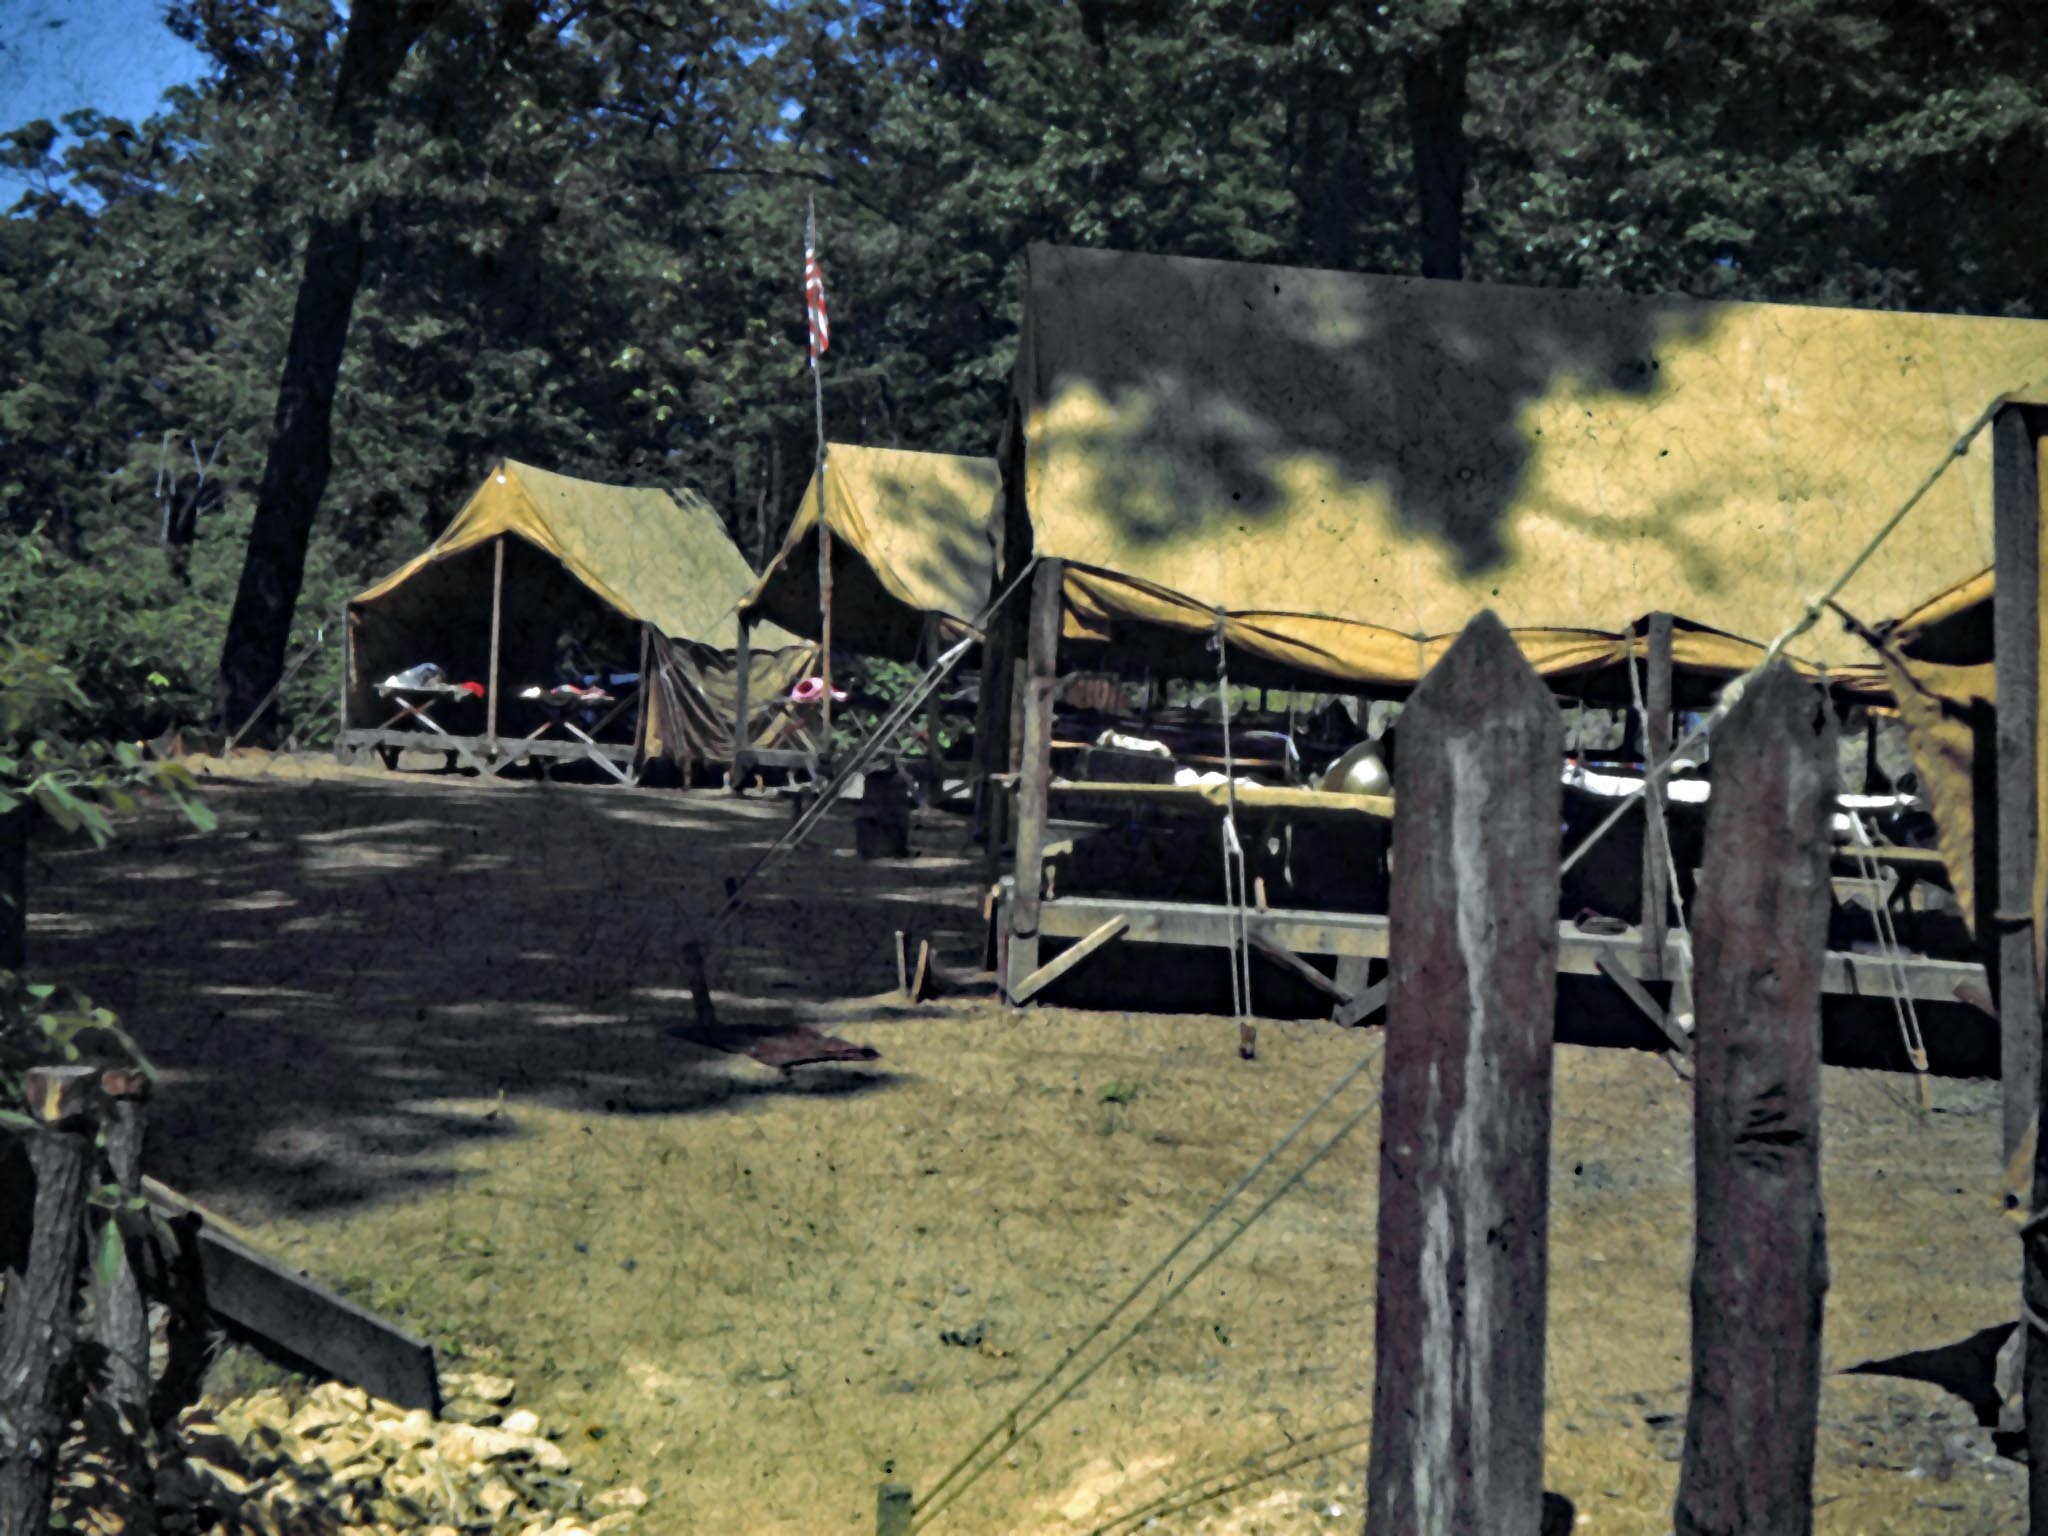 Blackhawk campsite in 1943